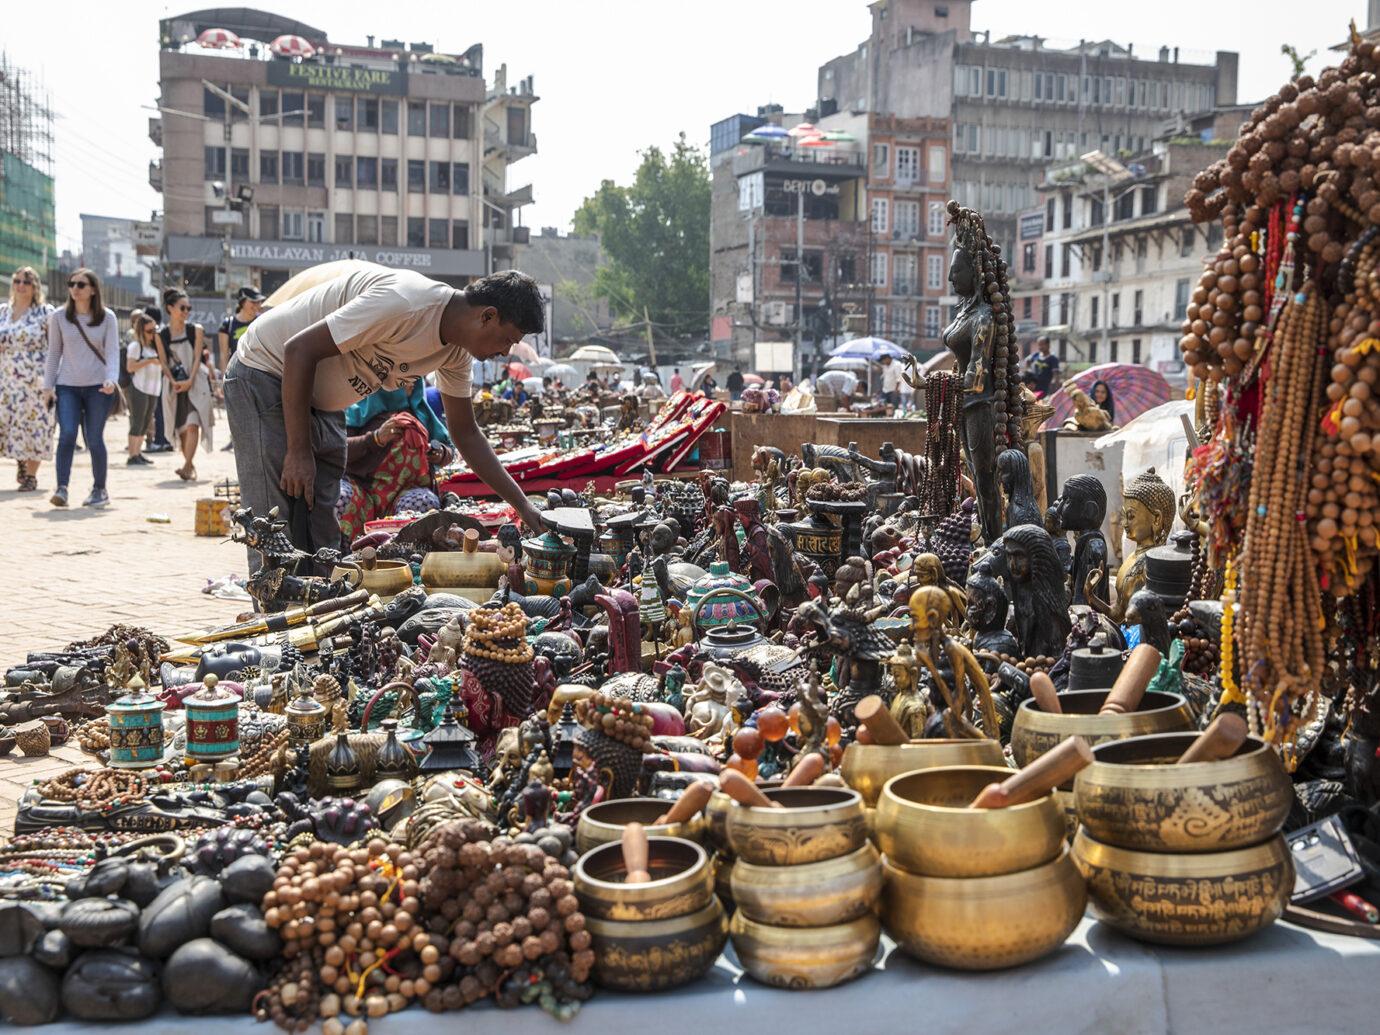 goods being sold at the Kinari Bazaar in Agra